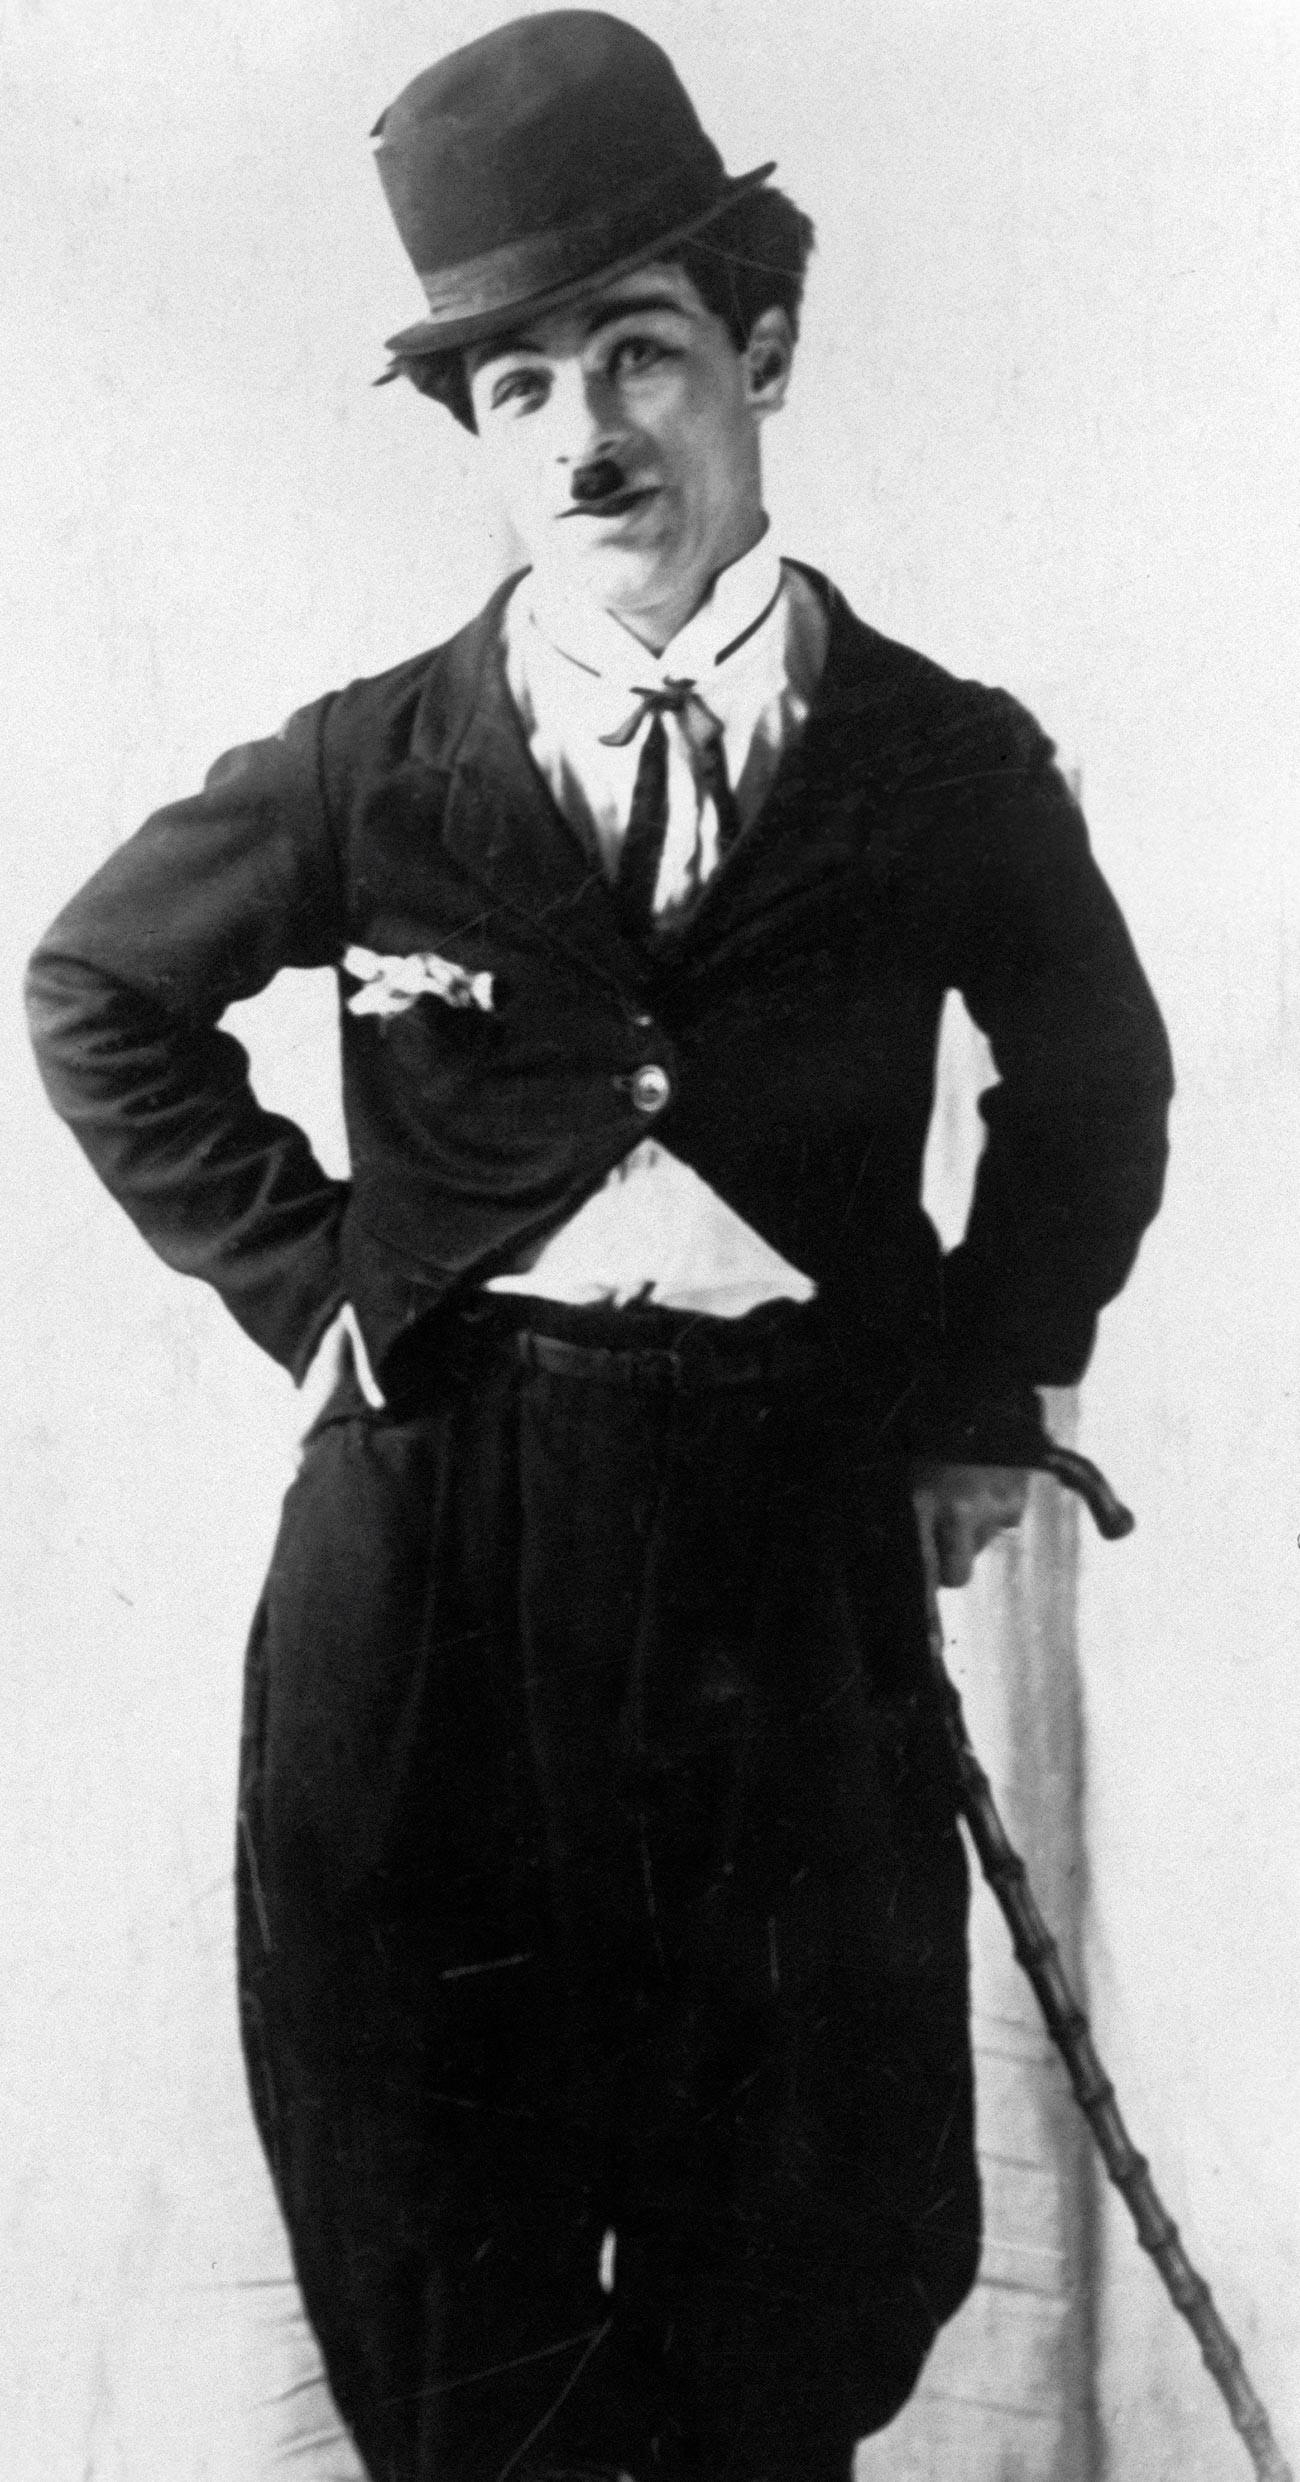 Mikhaïl Roumiantsev a été inspiré par le célèbre personnage du Clochard de Charlie Chaplin.